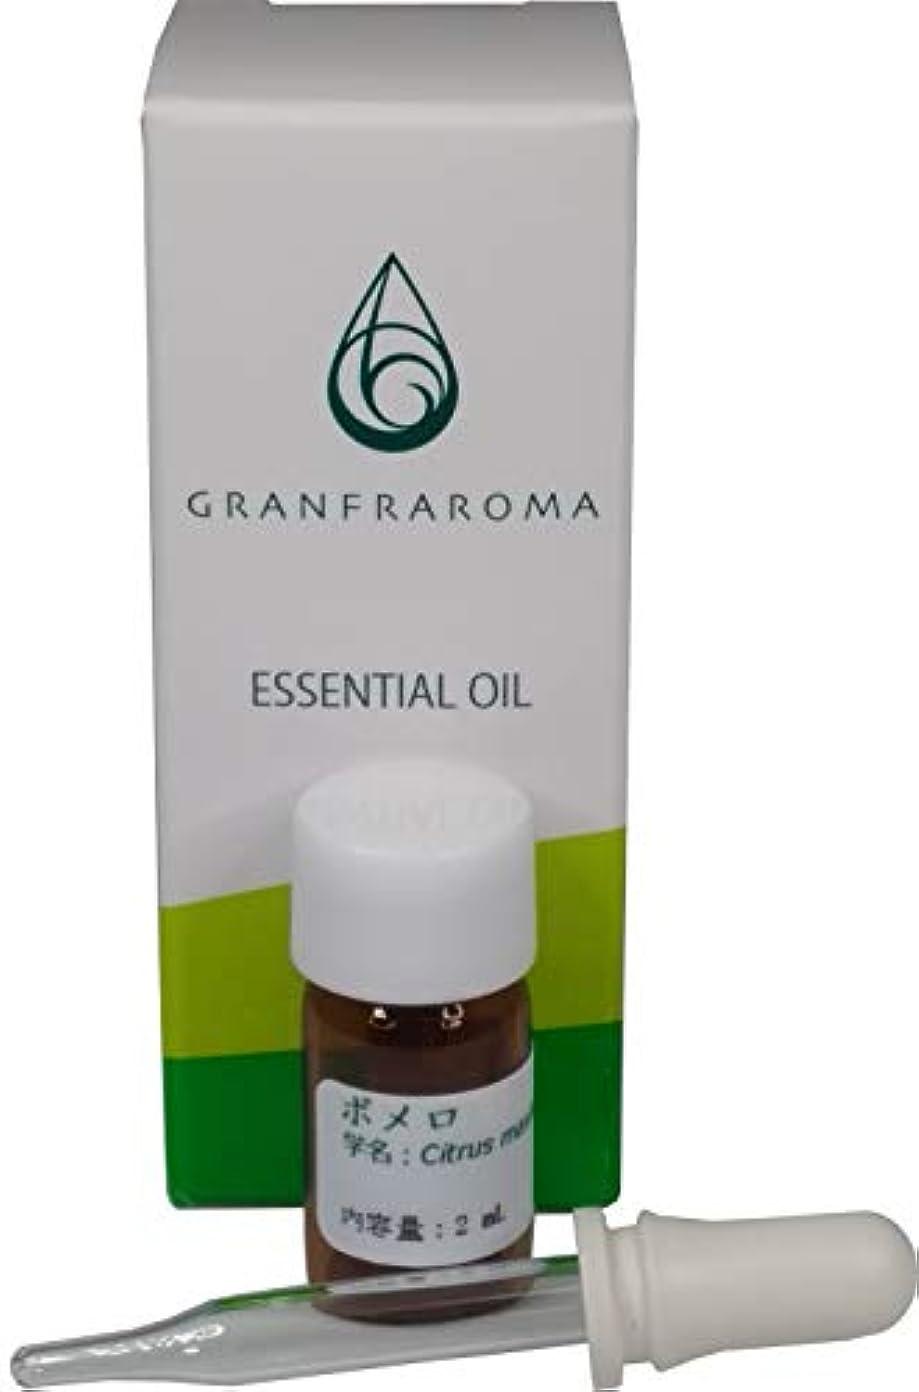 ピット未払いなめらか(グランフラローマ)GRANFRAROMA 精油 ポメロ 溶剤抽出法 エッセンシャルオイル 2ml